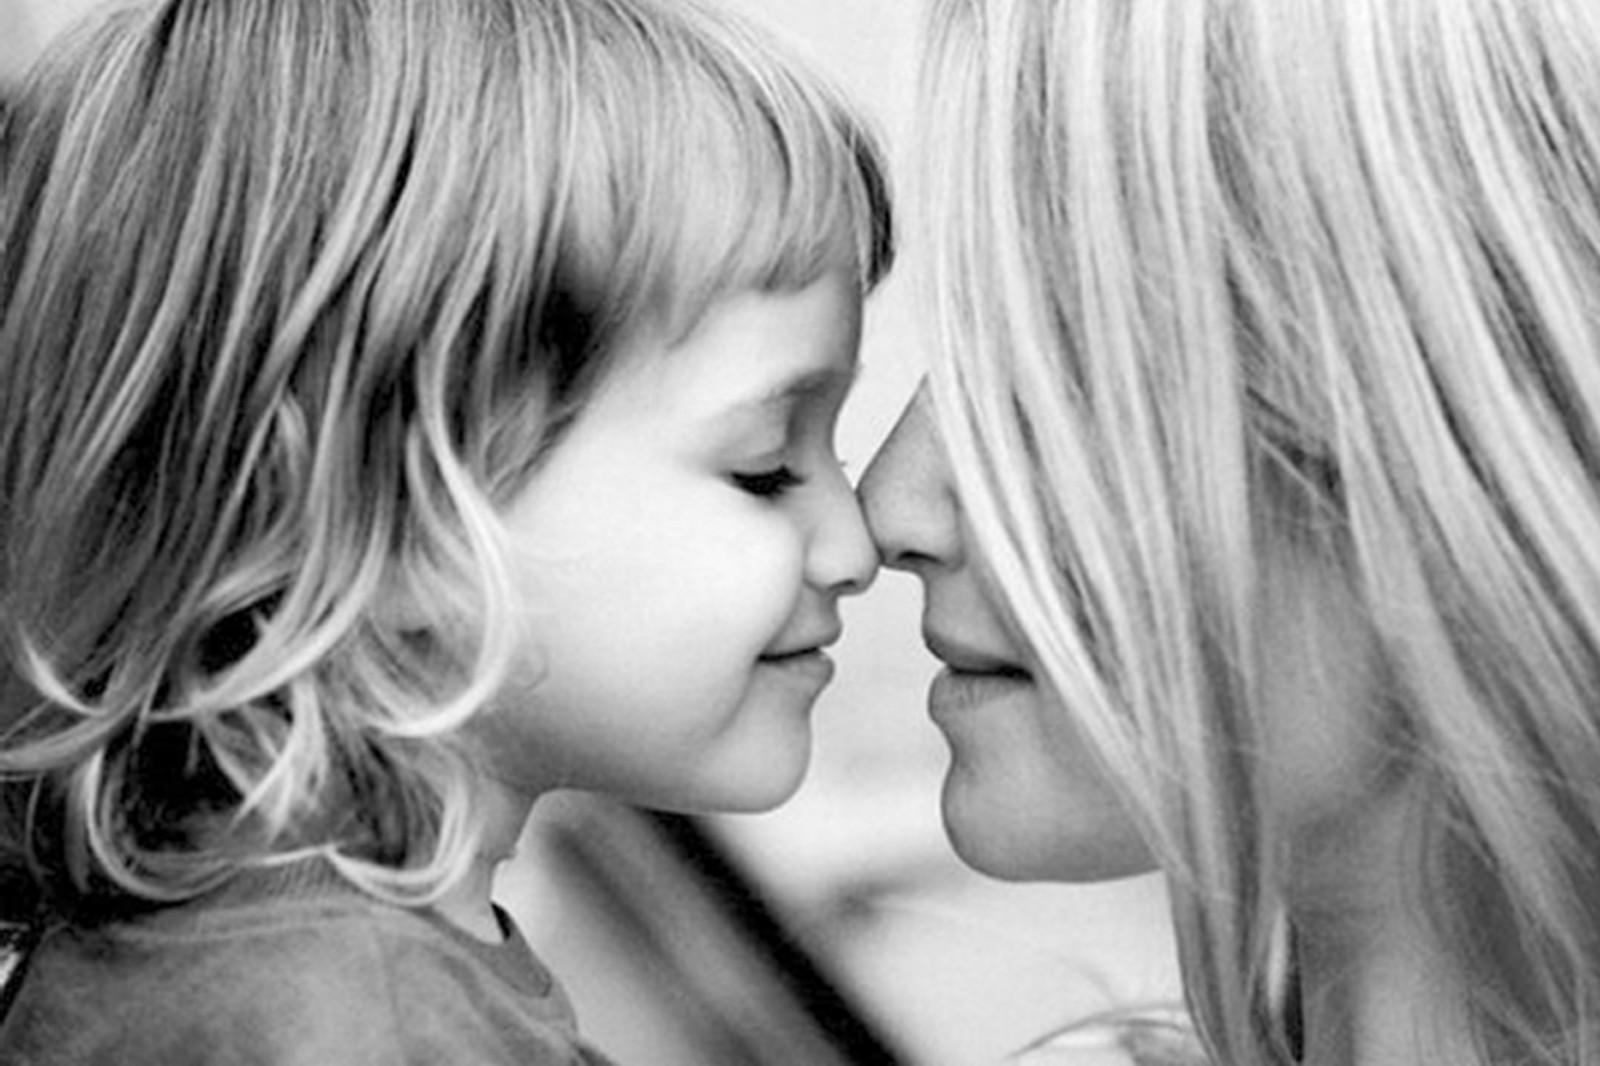 Рассказы друзья и мама 12 фотография